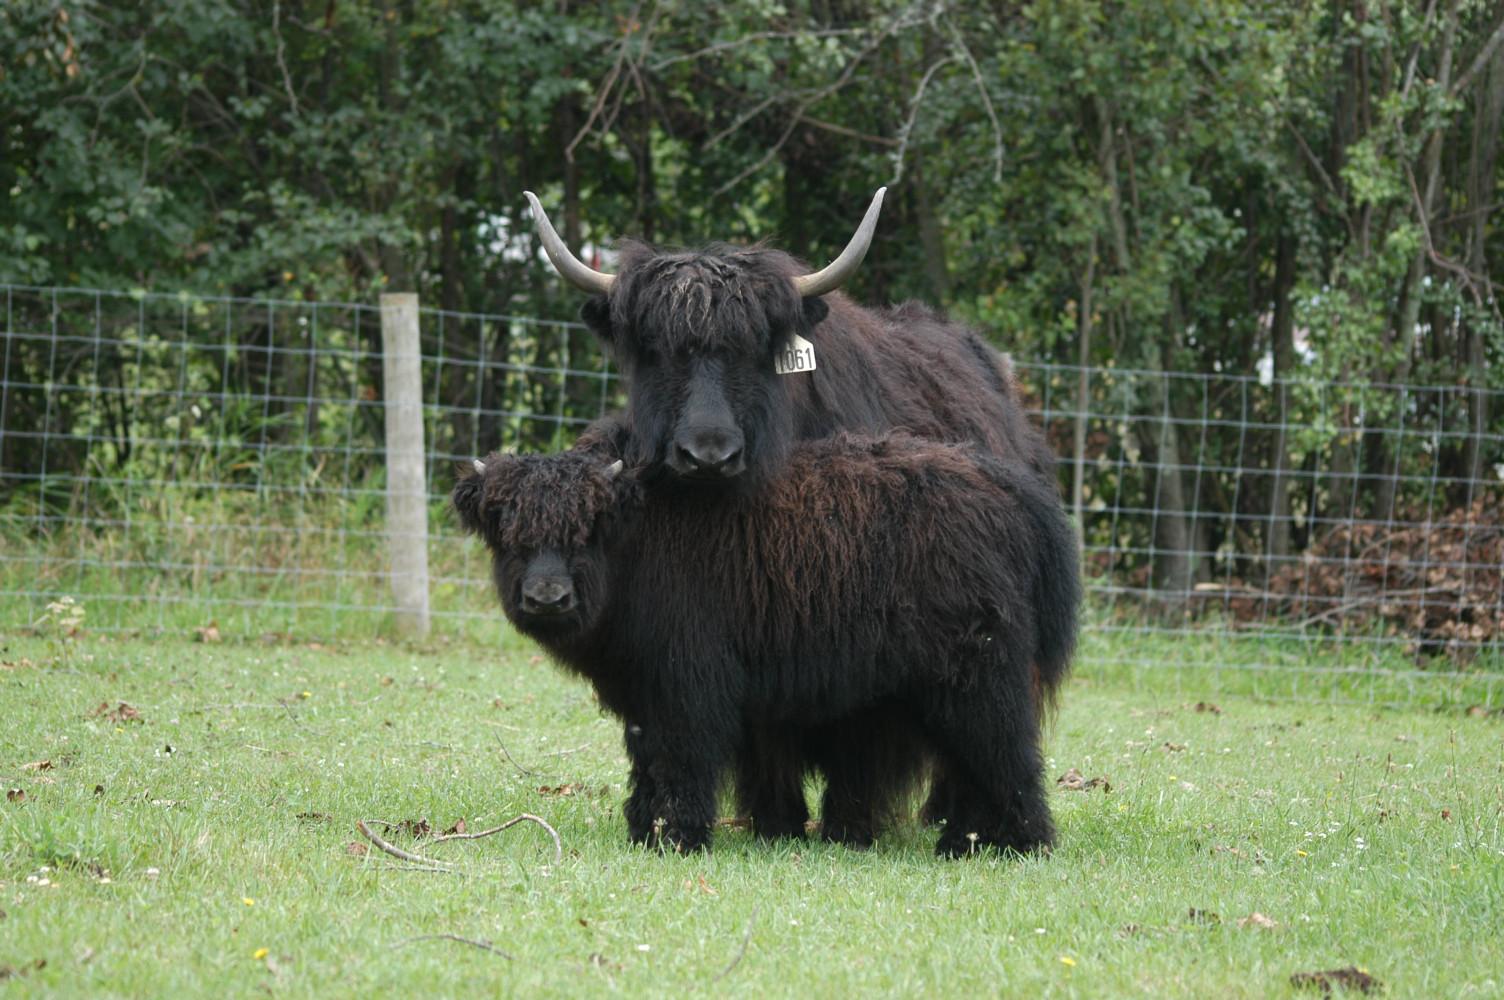 Worldwide yak association - home an enjoyment to possess